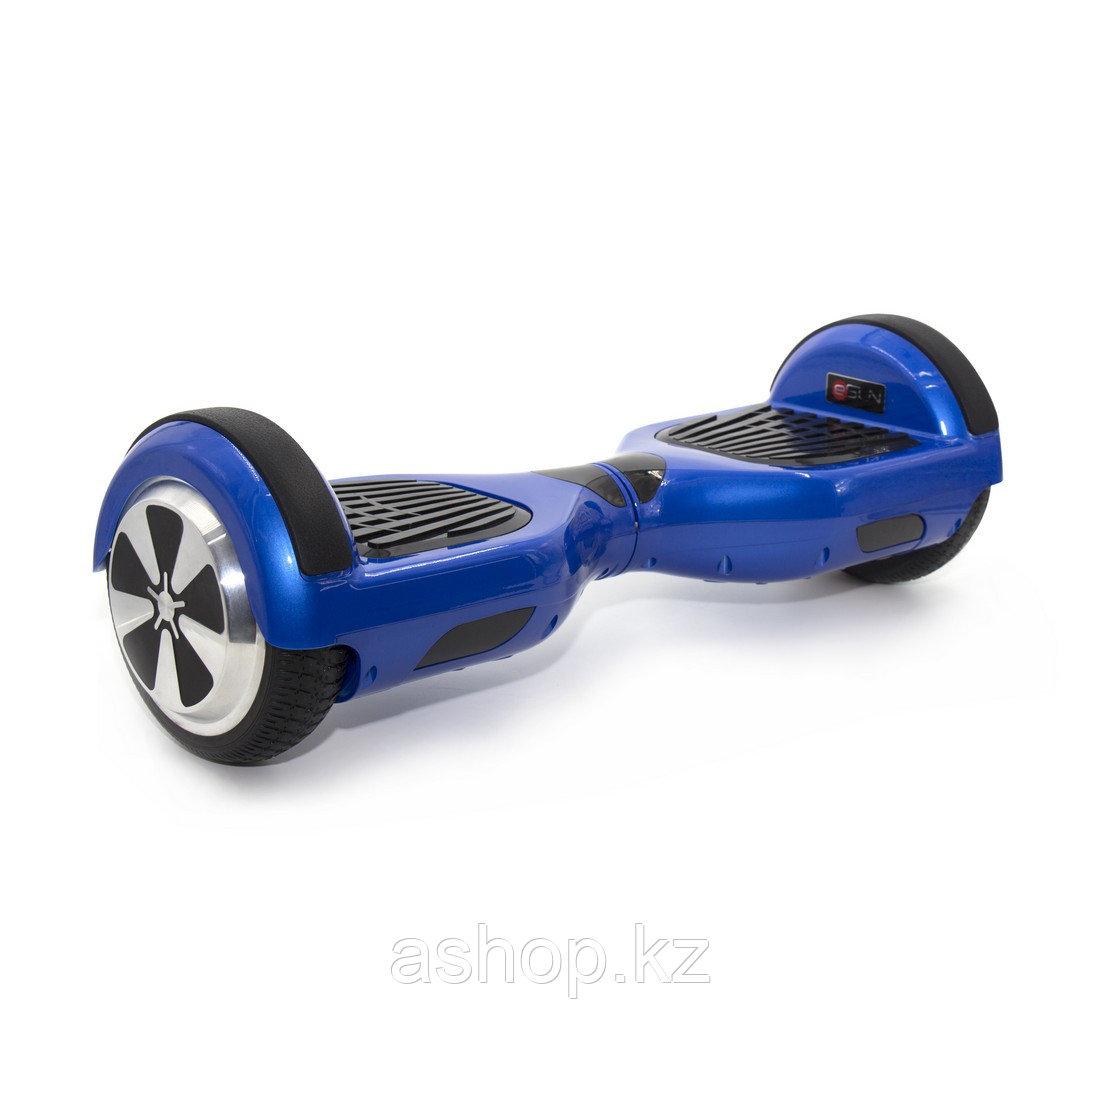 Гироскутер  X-game EU21B, Скорость (max.): 12 км/ч, Запас хода: 15-20 км, Нагрузка: 100 кг, Угол подъема: 15°,